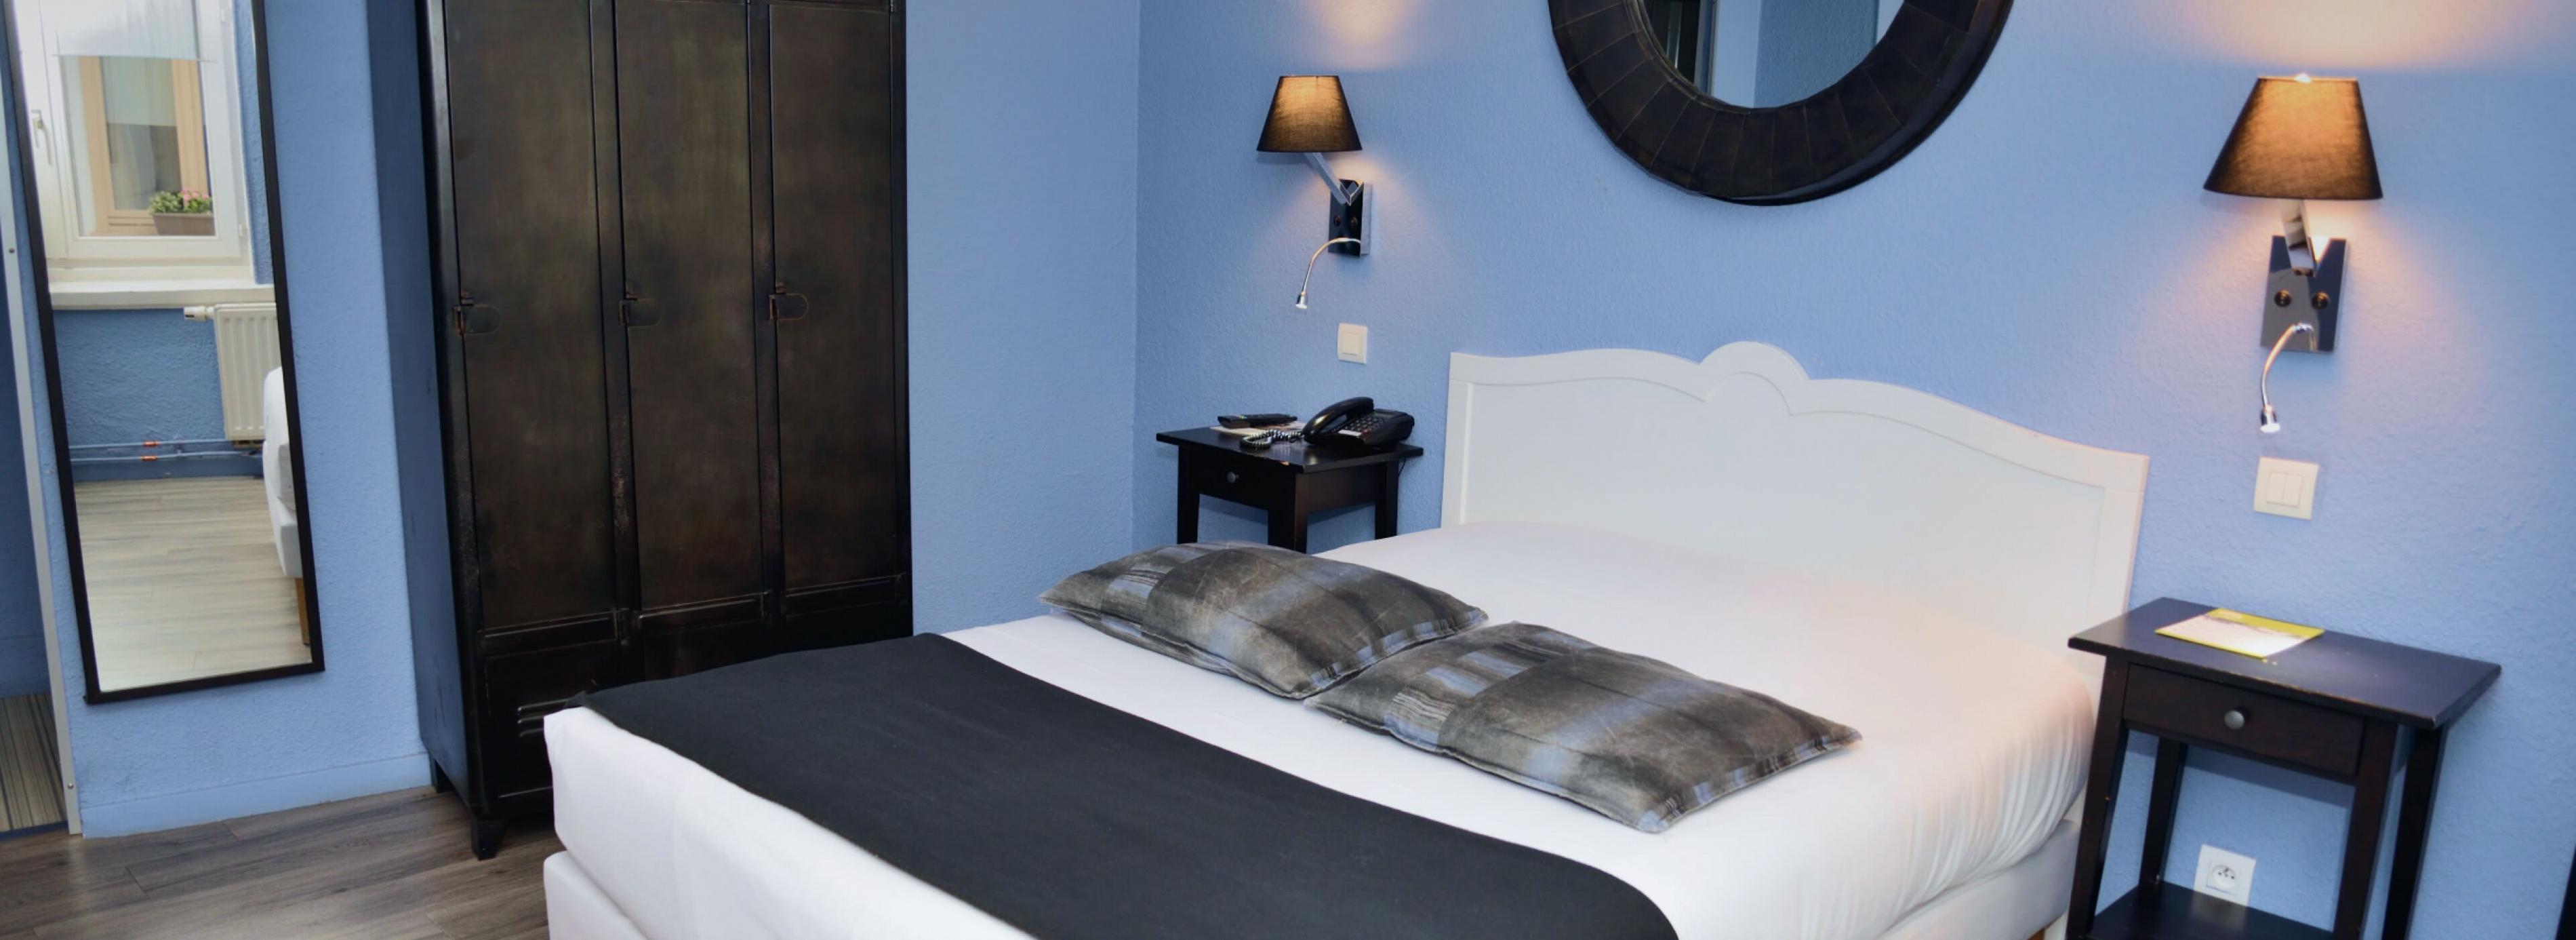 Hôtel EtC... Ihr 2-Sterne Hotel im Zentrum von Straßburg